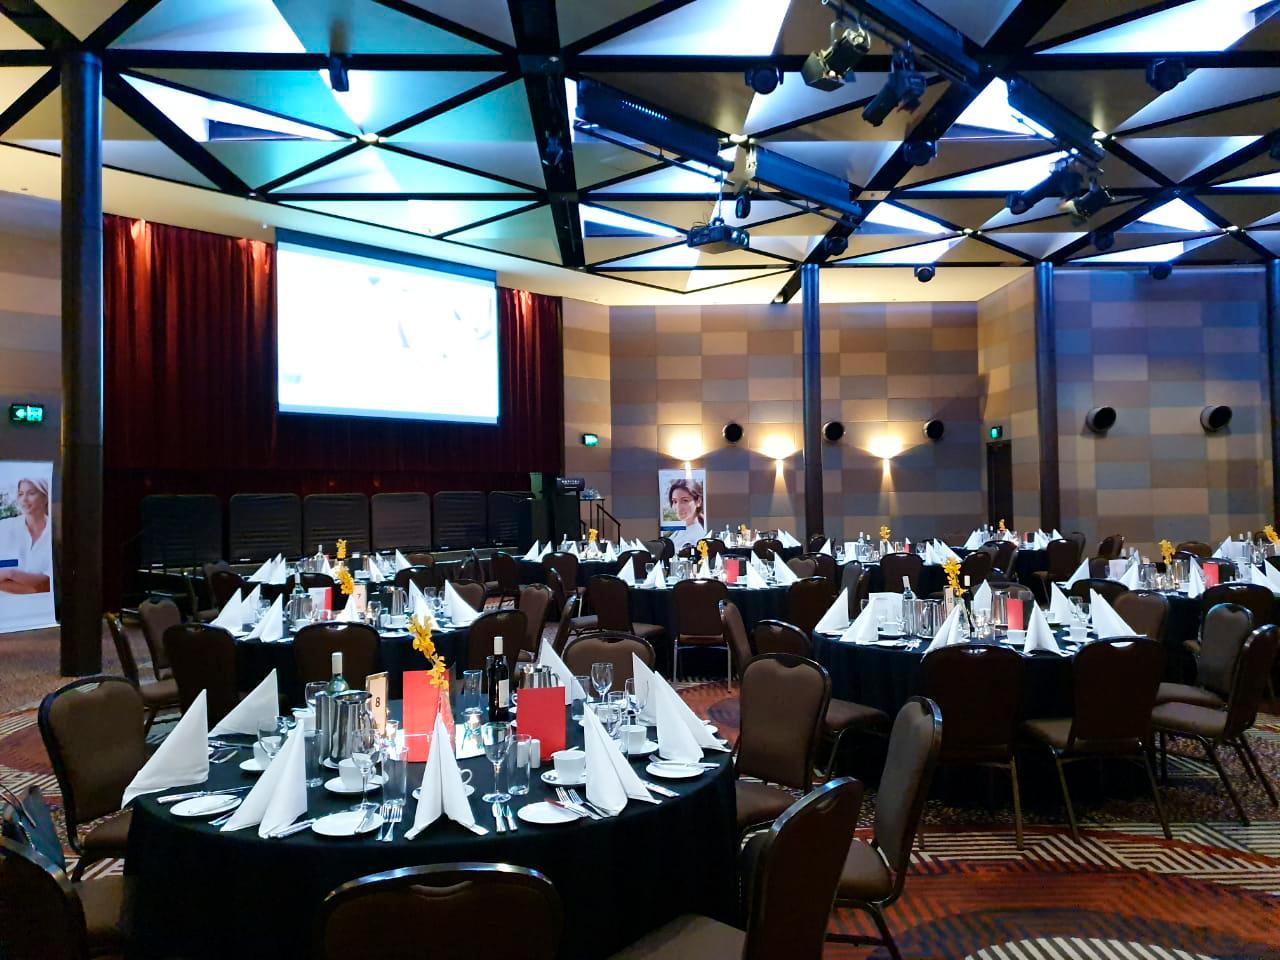 Lugar previo a mi conferencia Melbourne, Australia